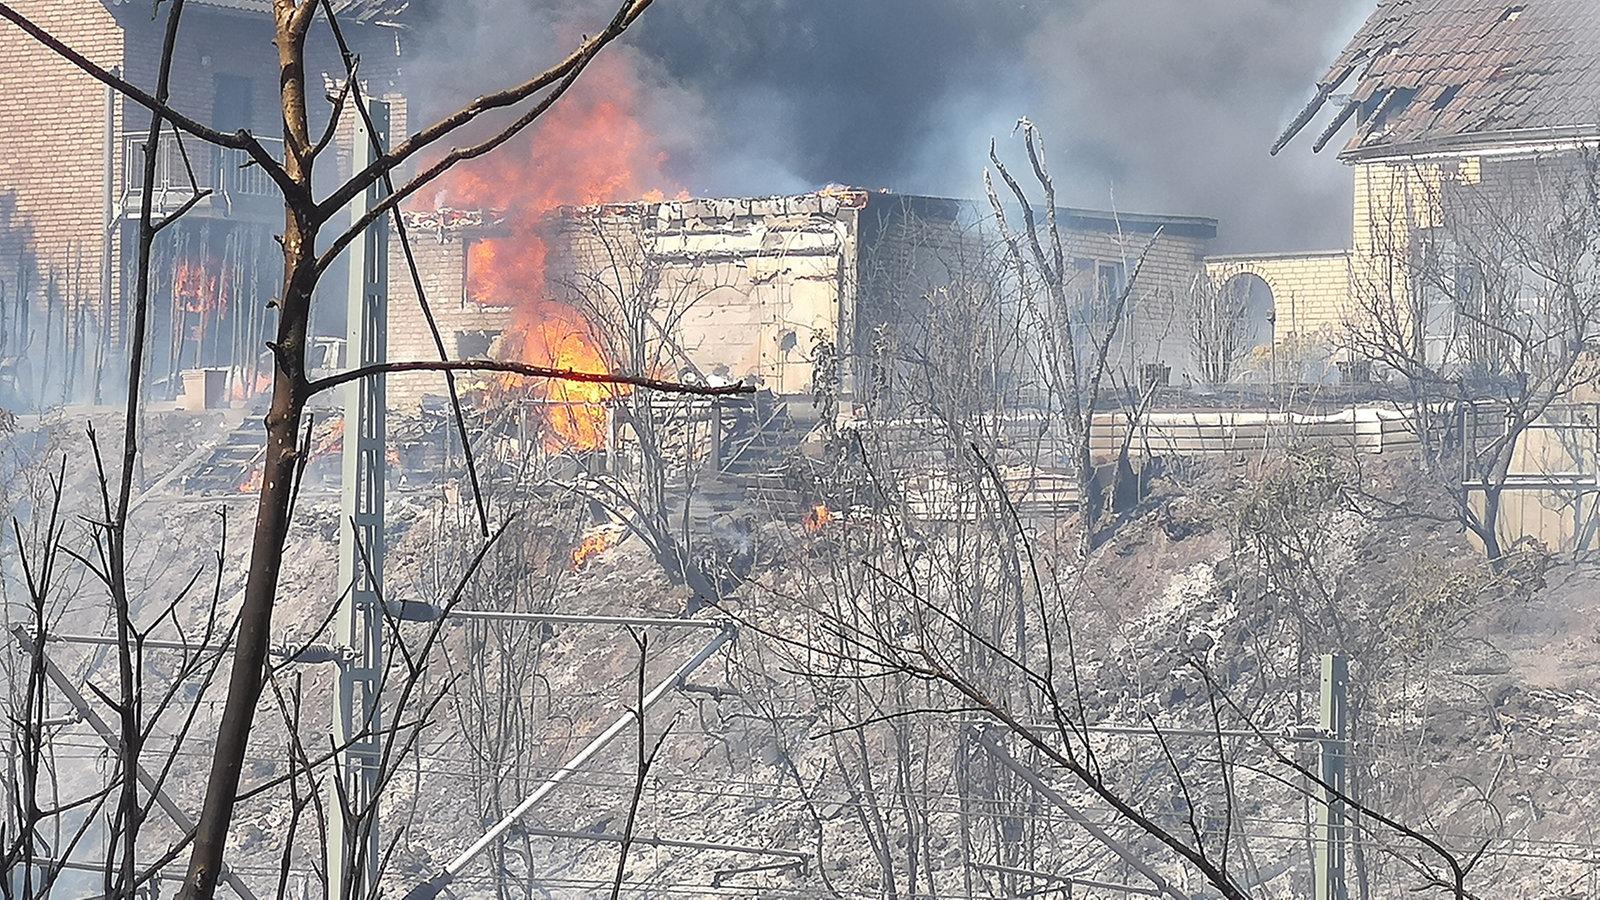 Viele Verletzte bei Brand an ICE-Strecke in Siegburg